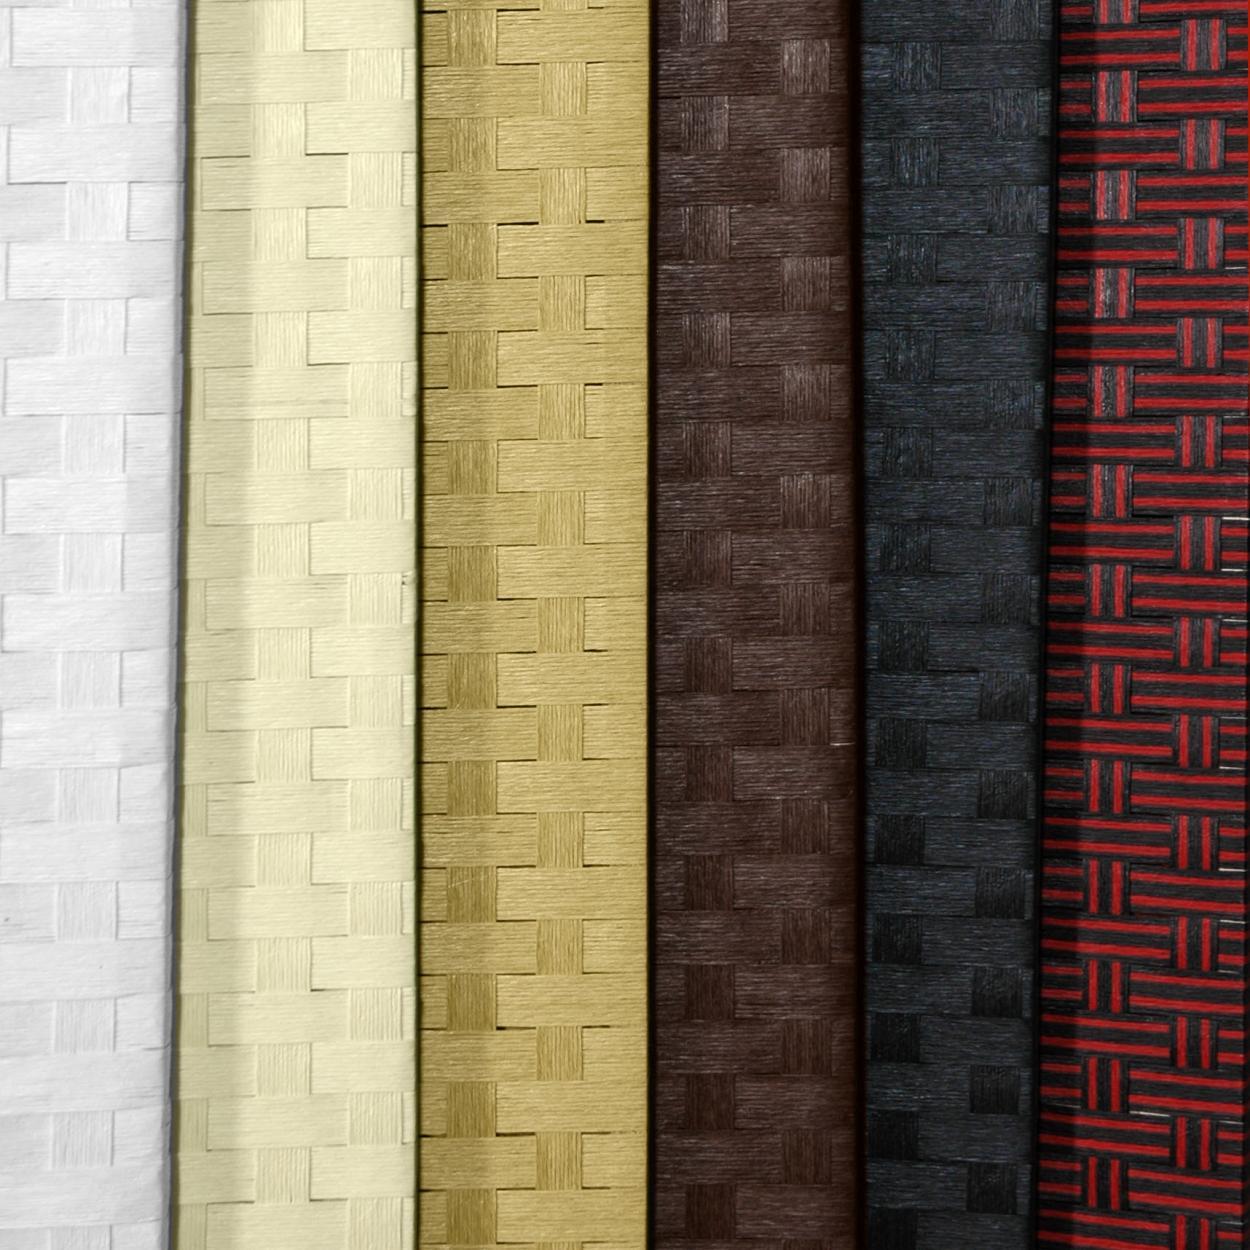 7 ft tall woven fiber room divider